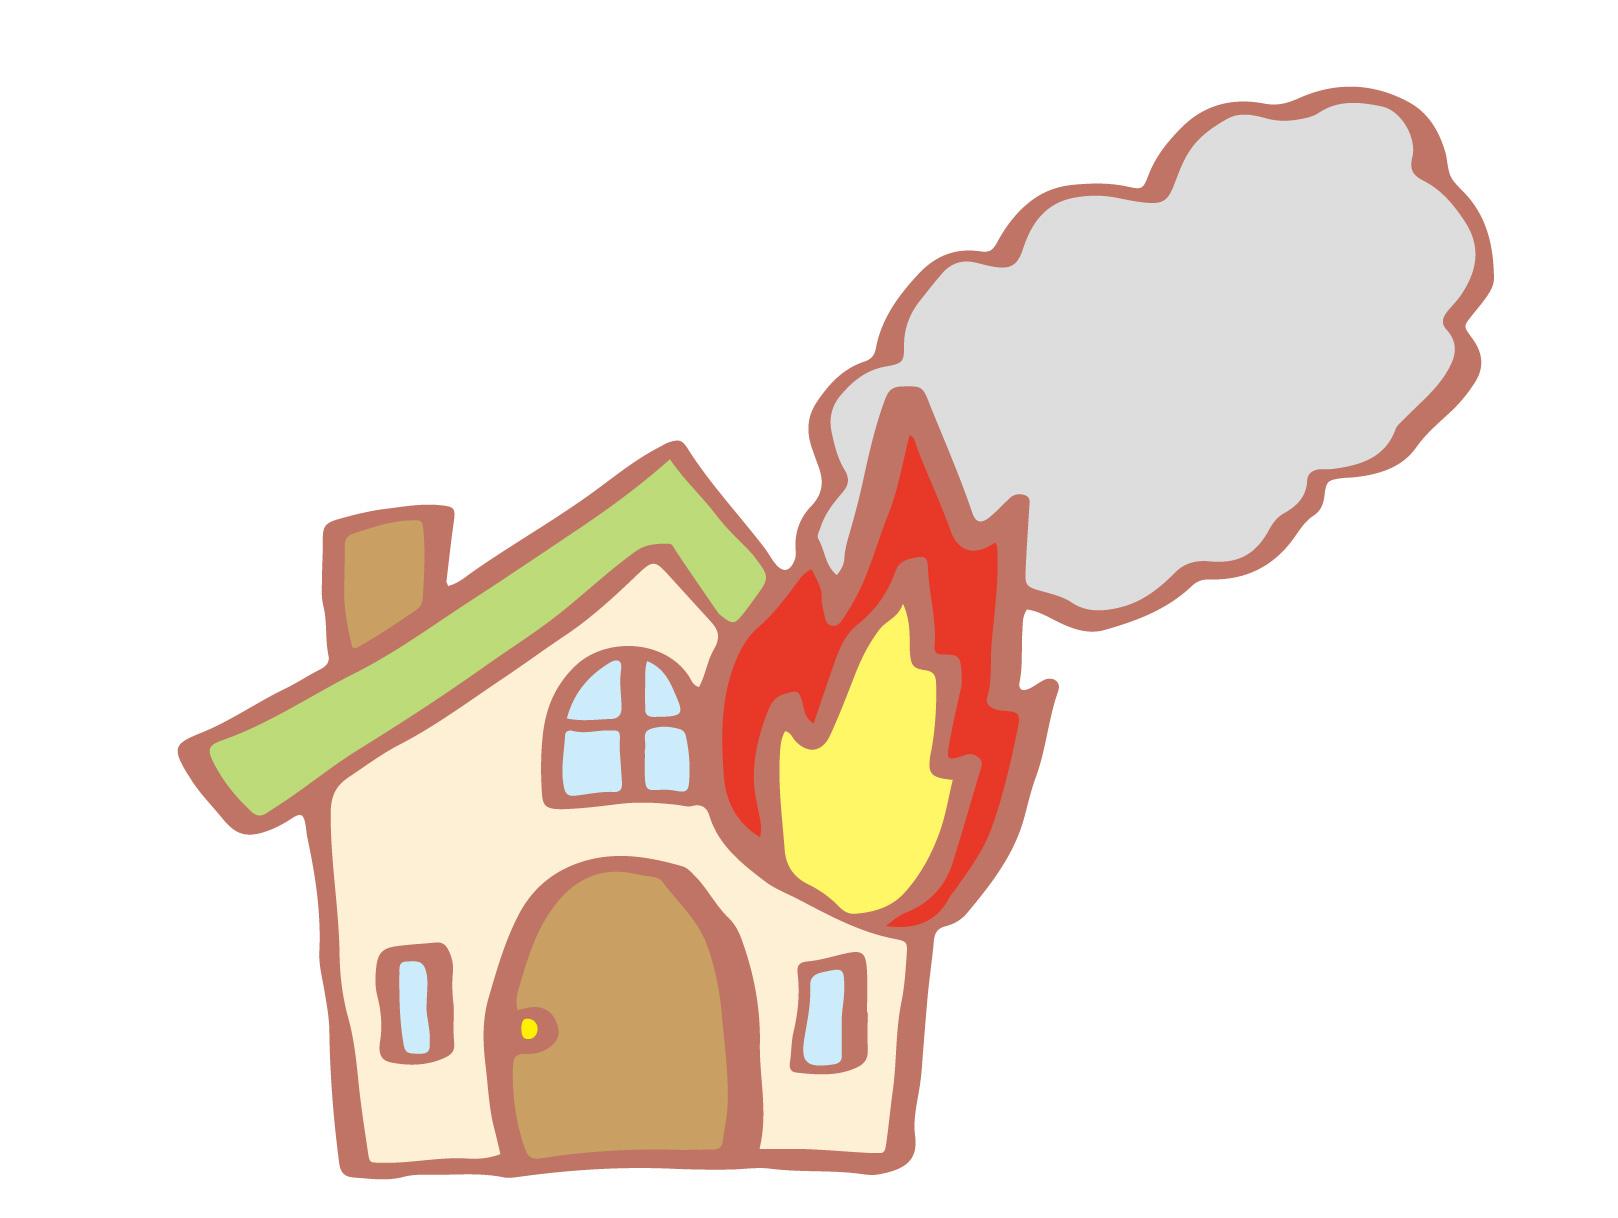 認知症の人に料理をさせるべきか。火事に対する対策